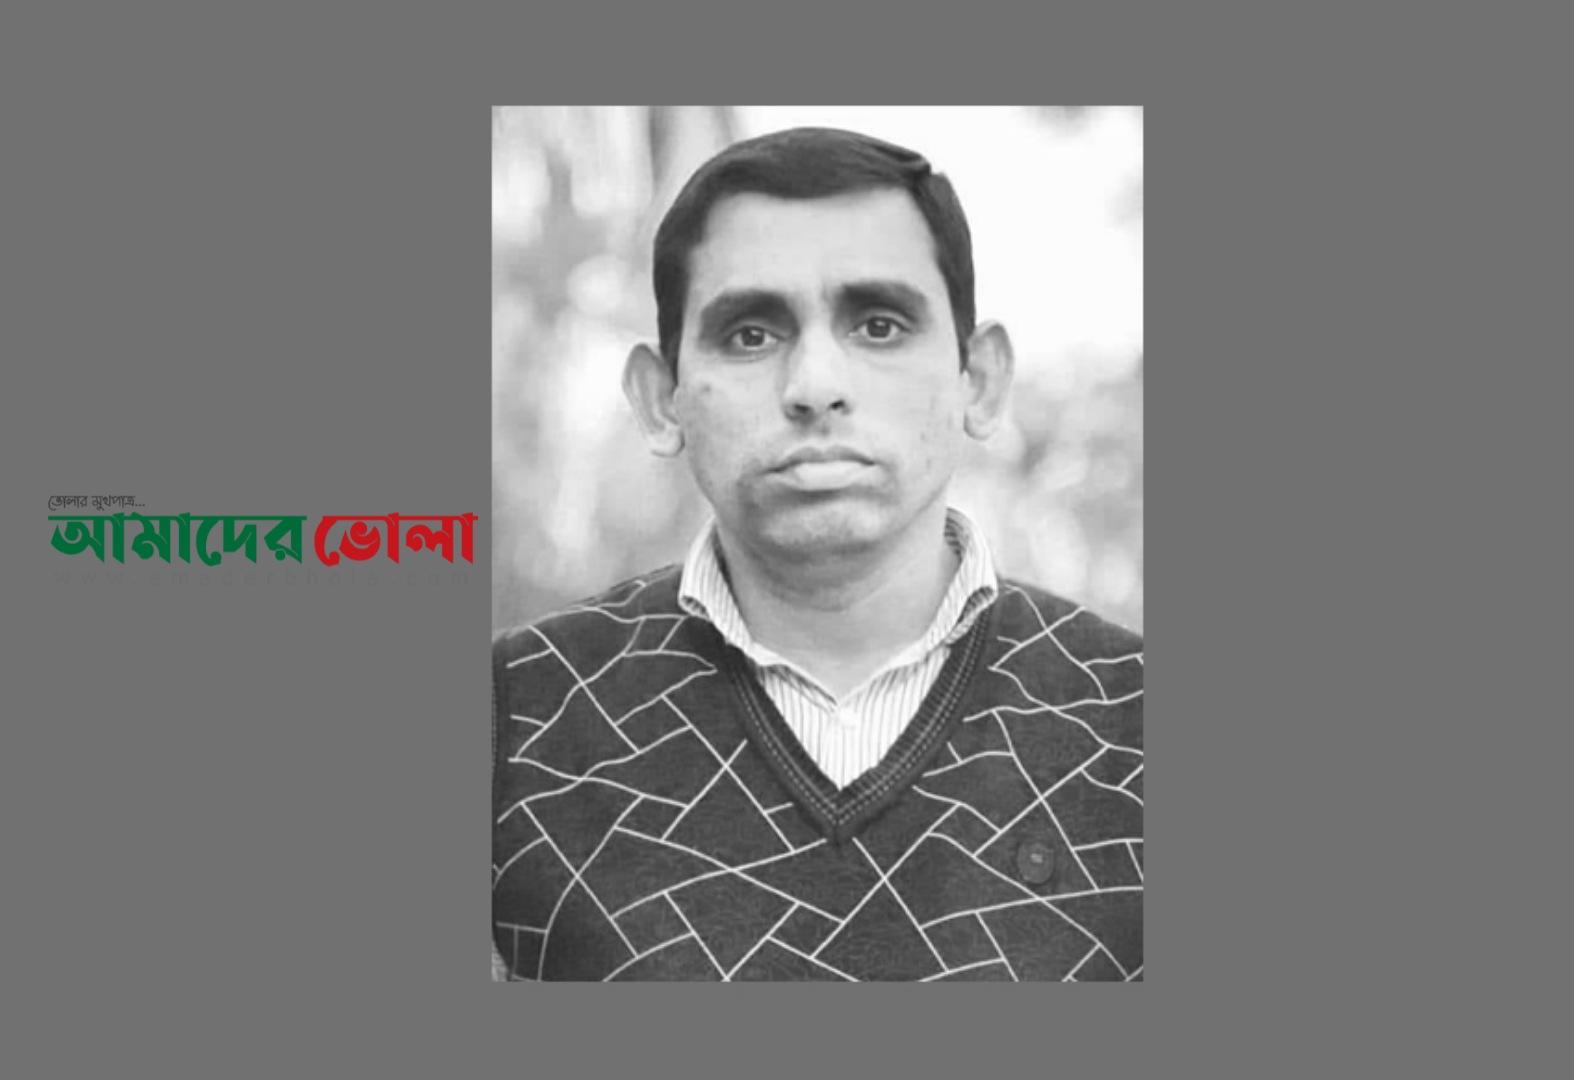 ভোলা টাউন স্কুলের শিক্ষক মাহতাব উদ্দিনের ইন্তেকাল